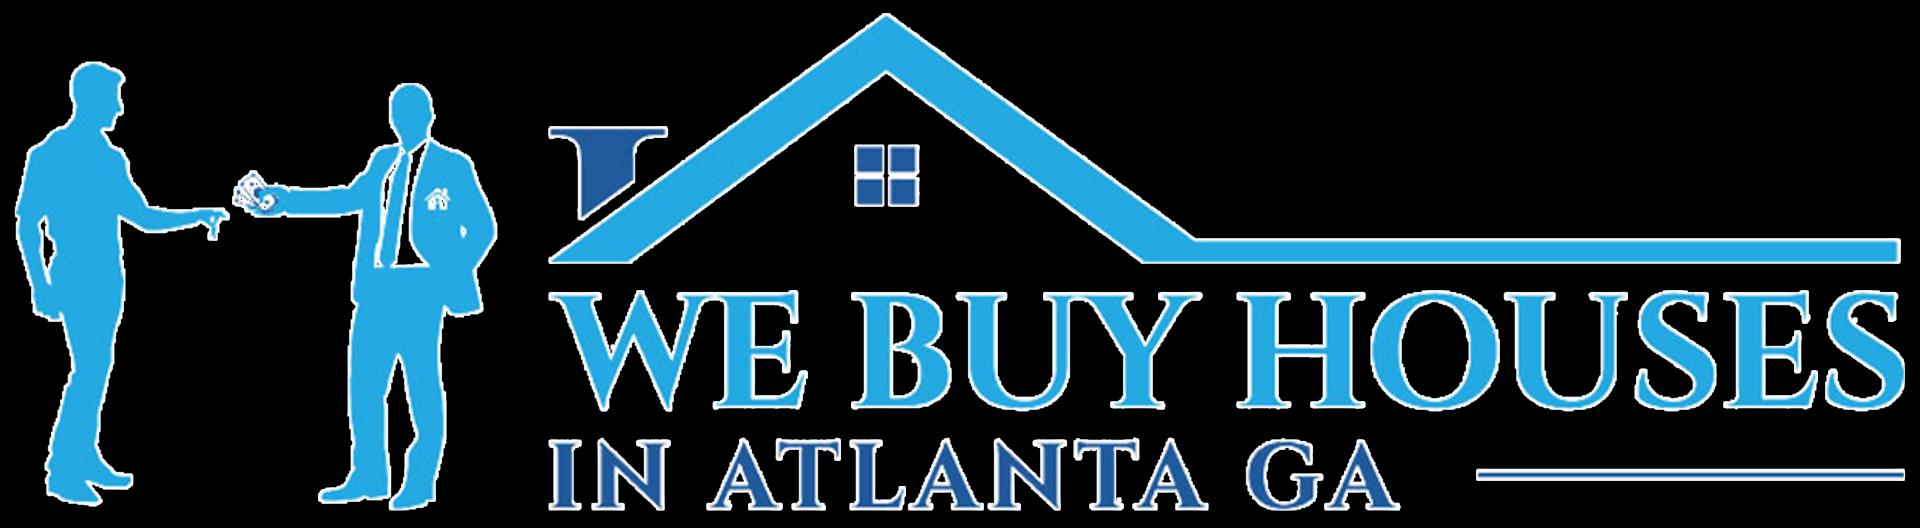 We Buy Houses in Atlanta GA logo